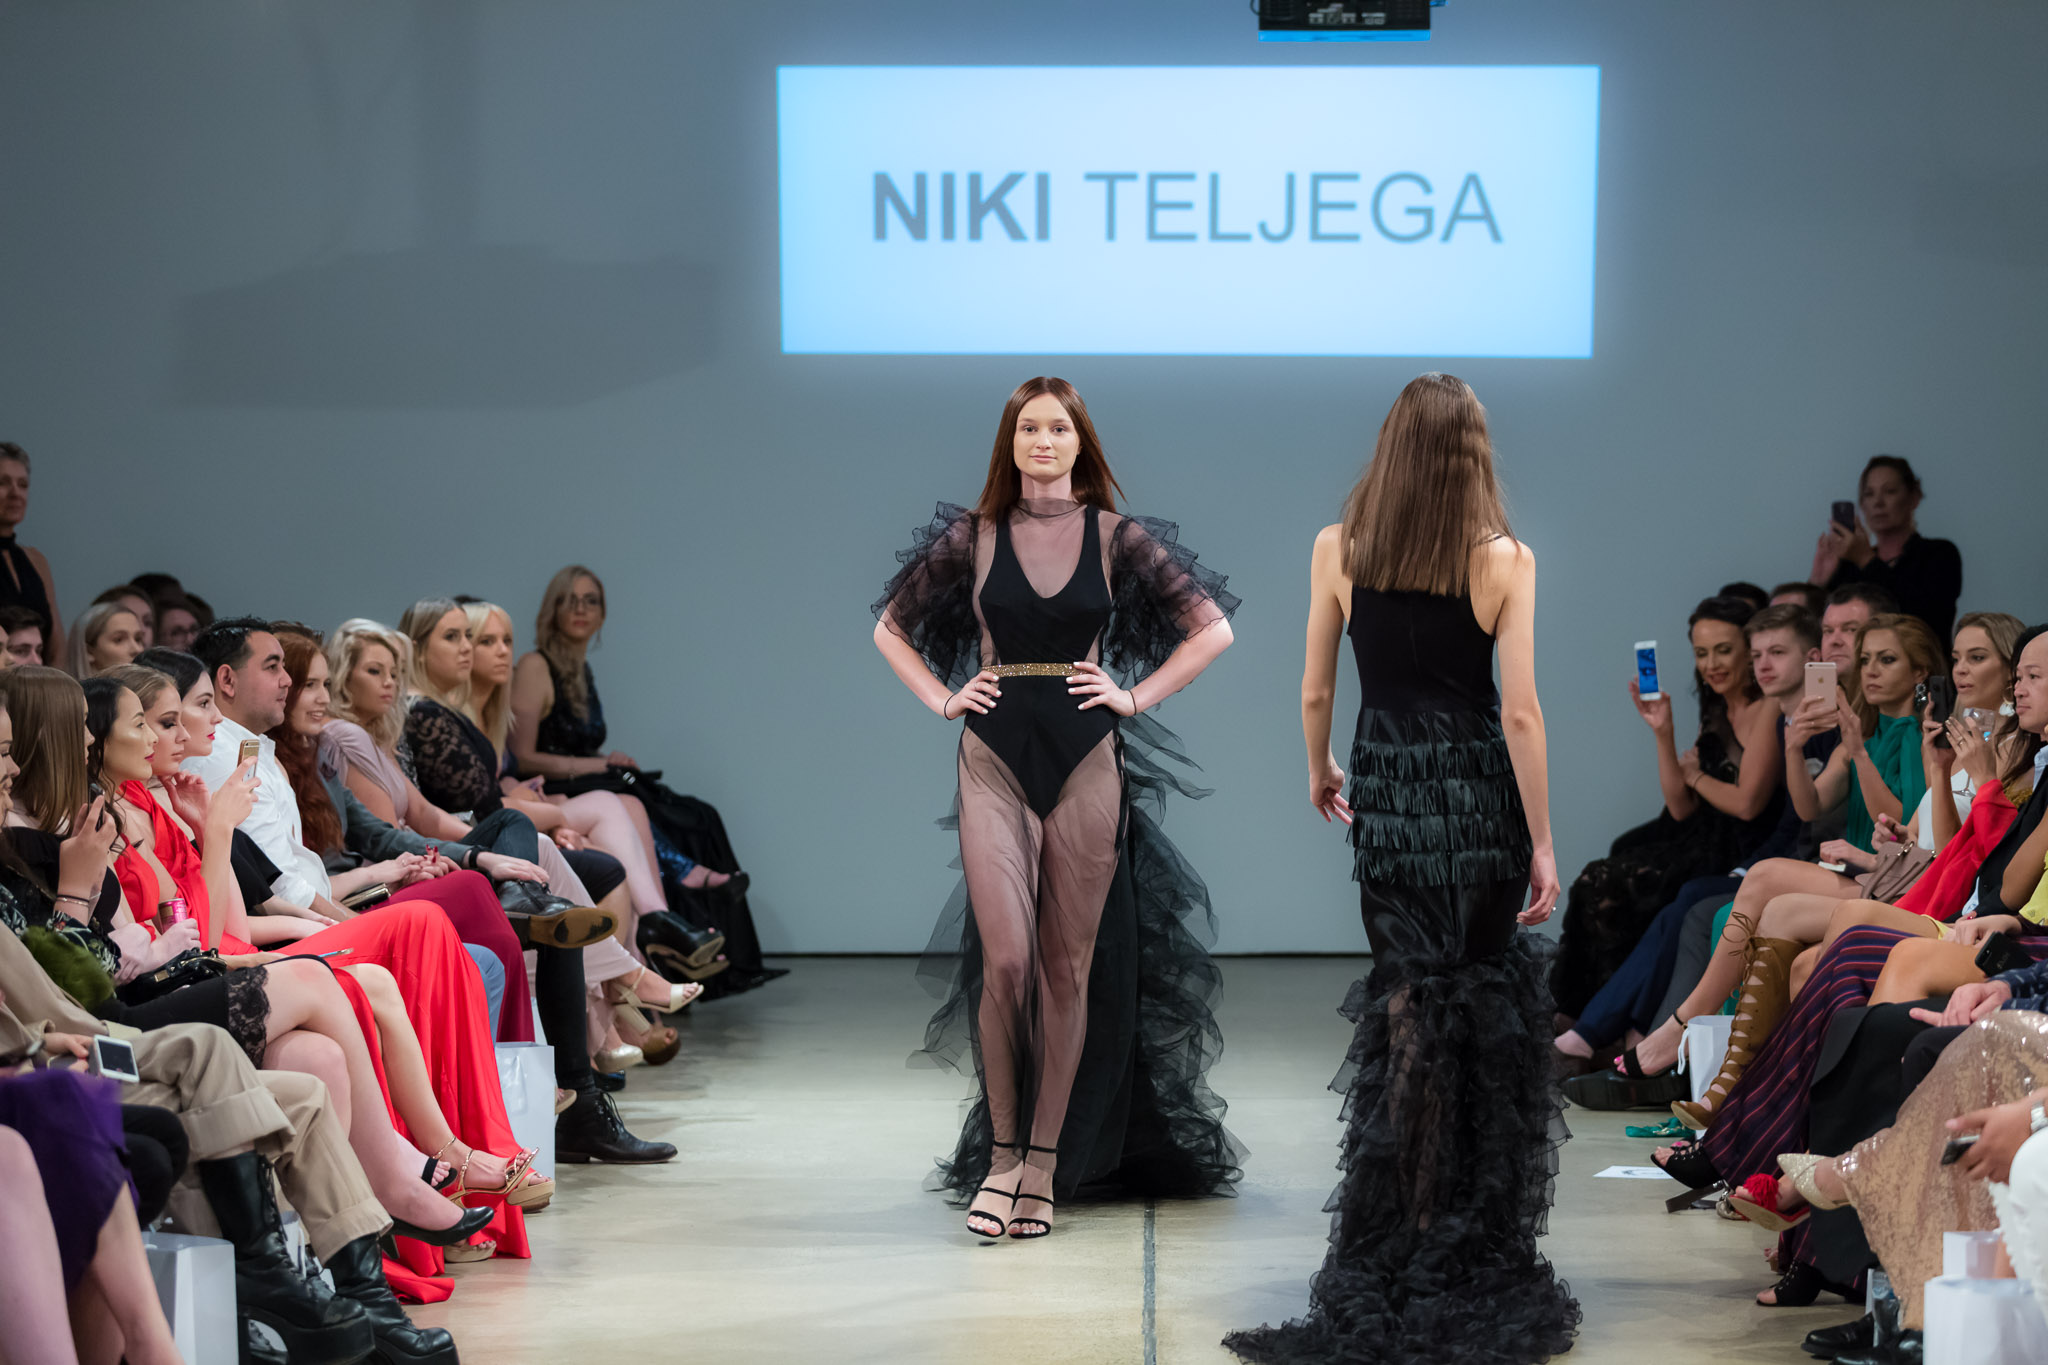 Niki Teljega